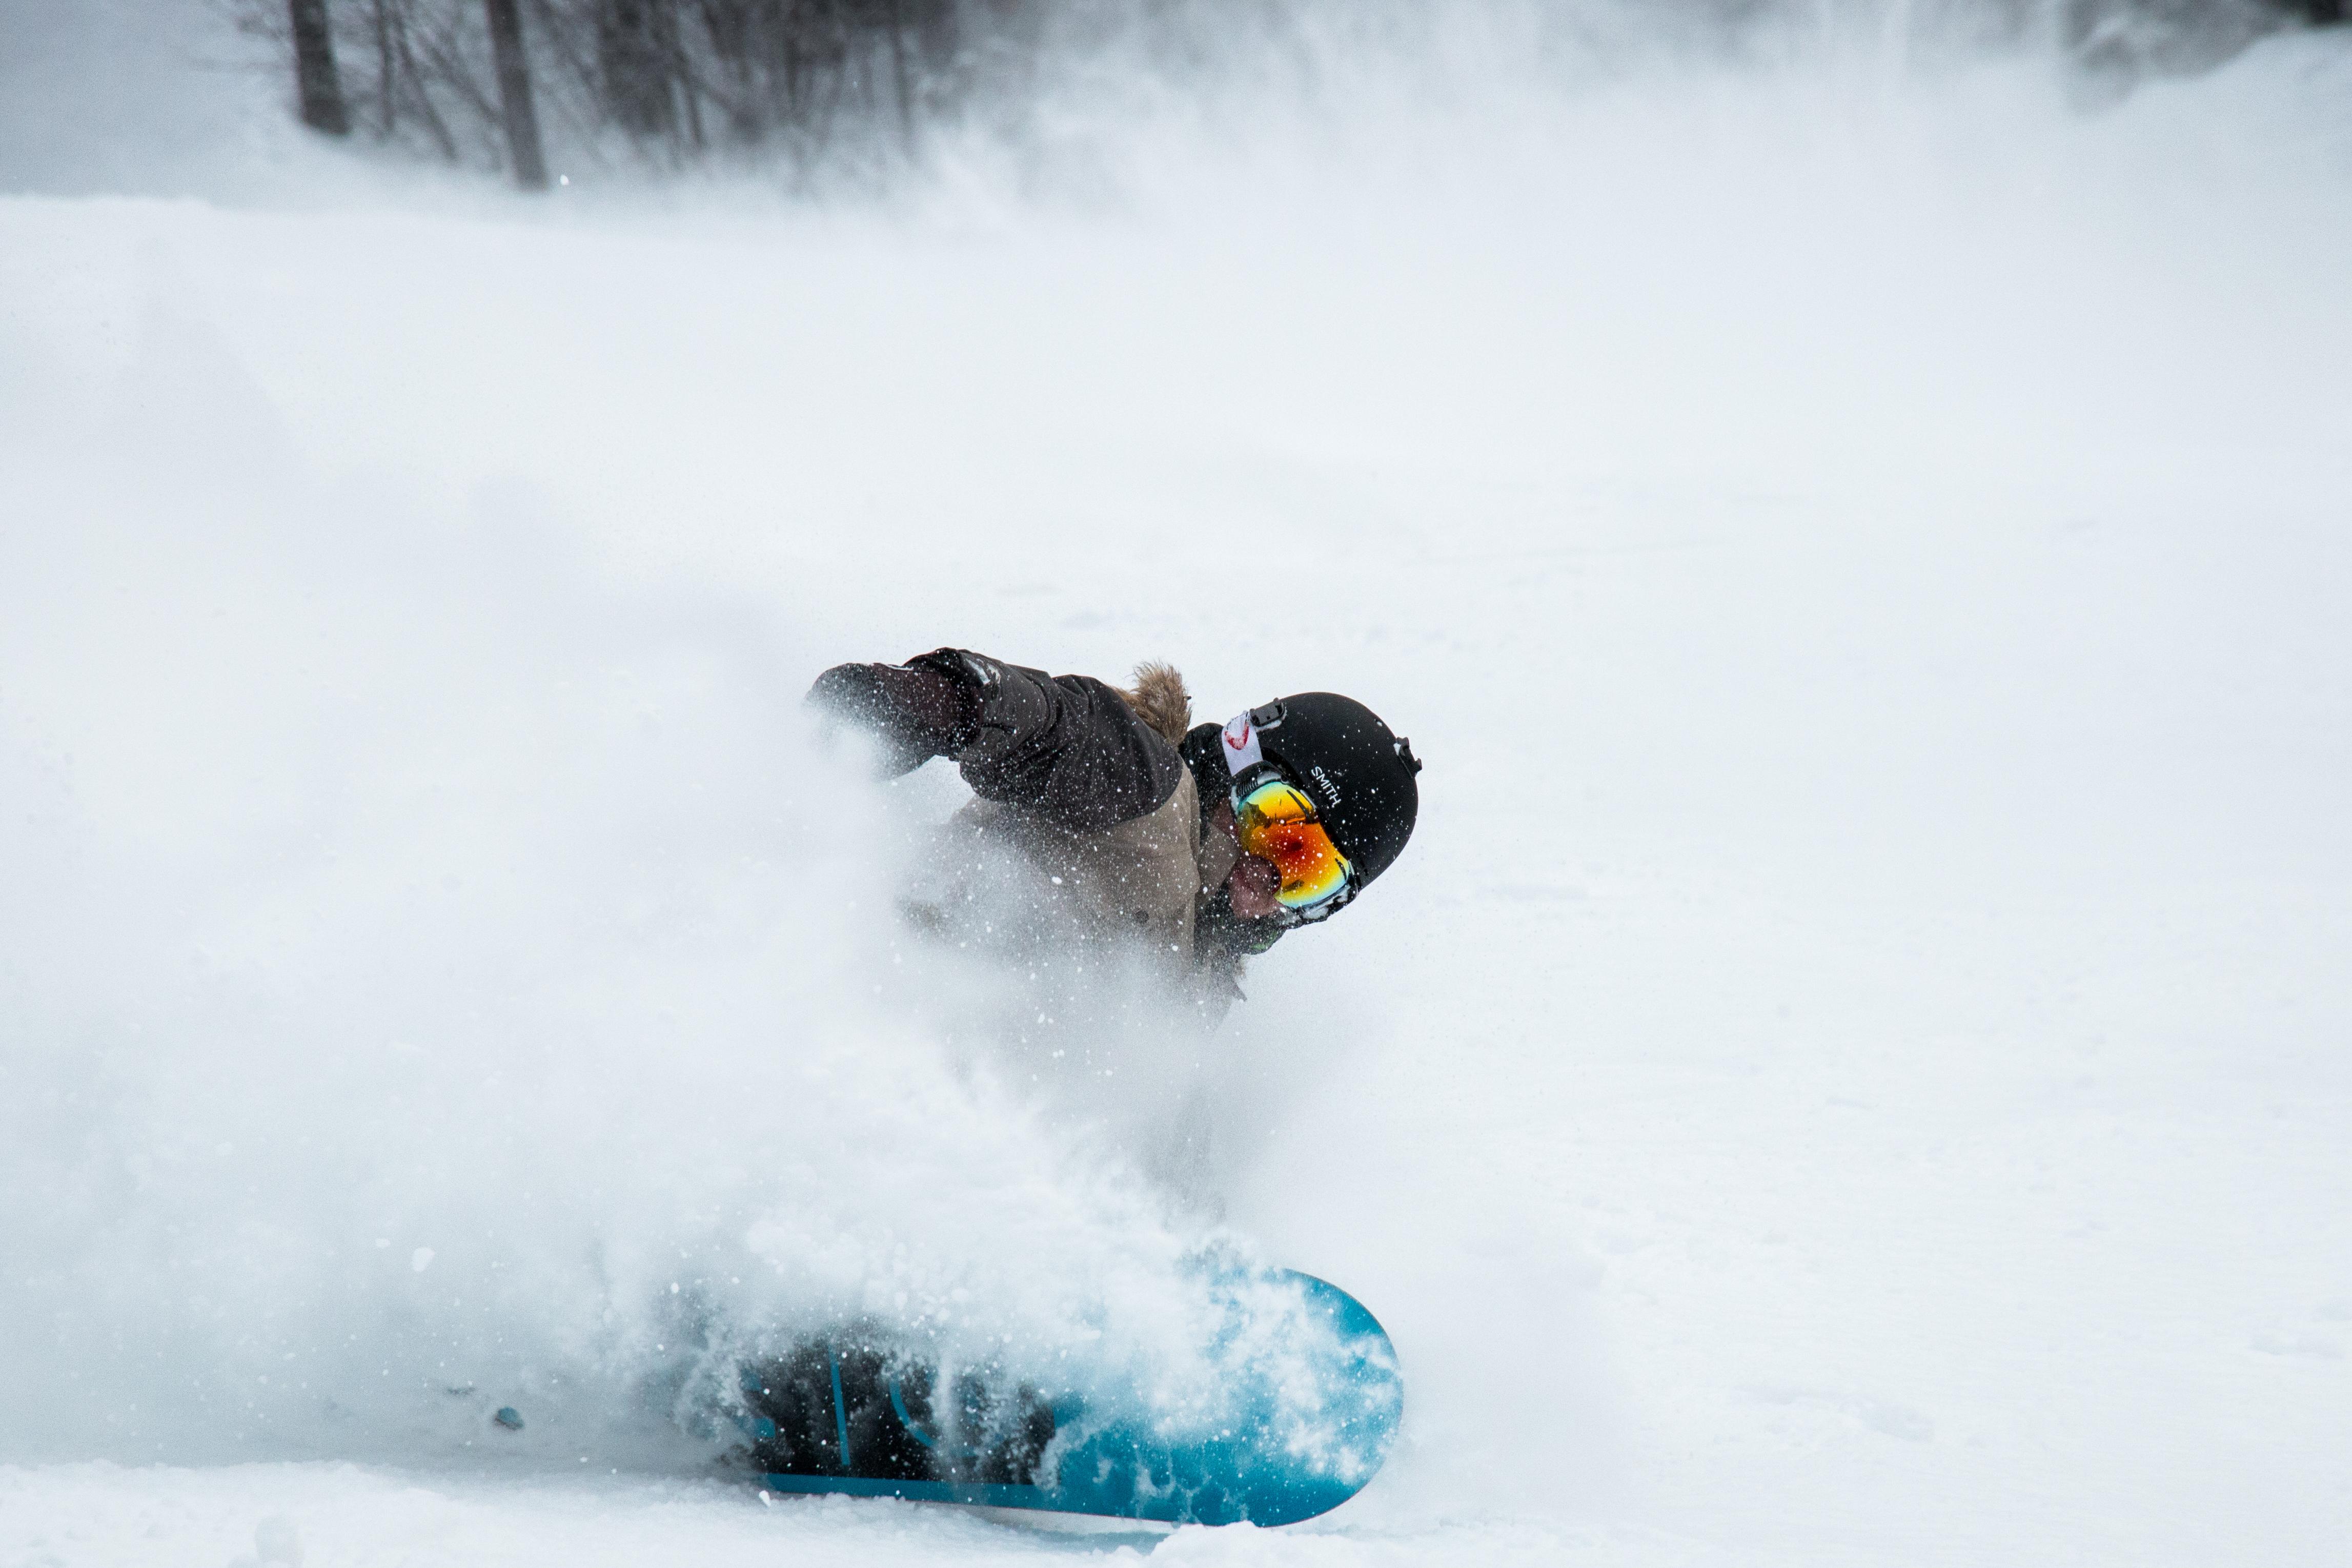 146465 скачать обои Спорт, Сноубордист, Снег, Шлем, Очки - заставки и картинки бесплатно